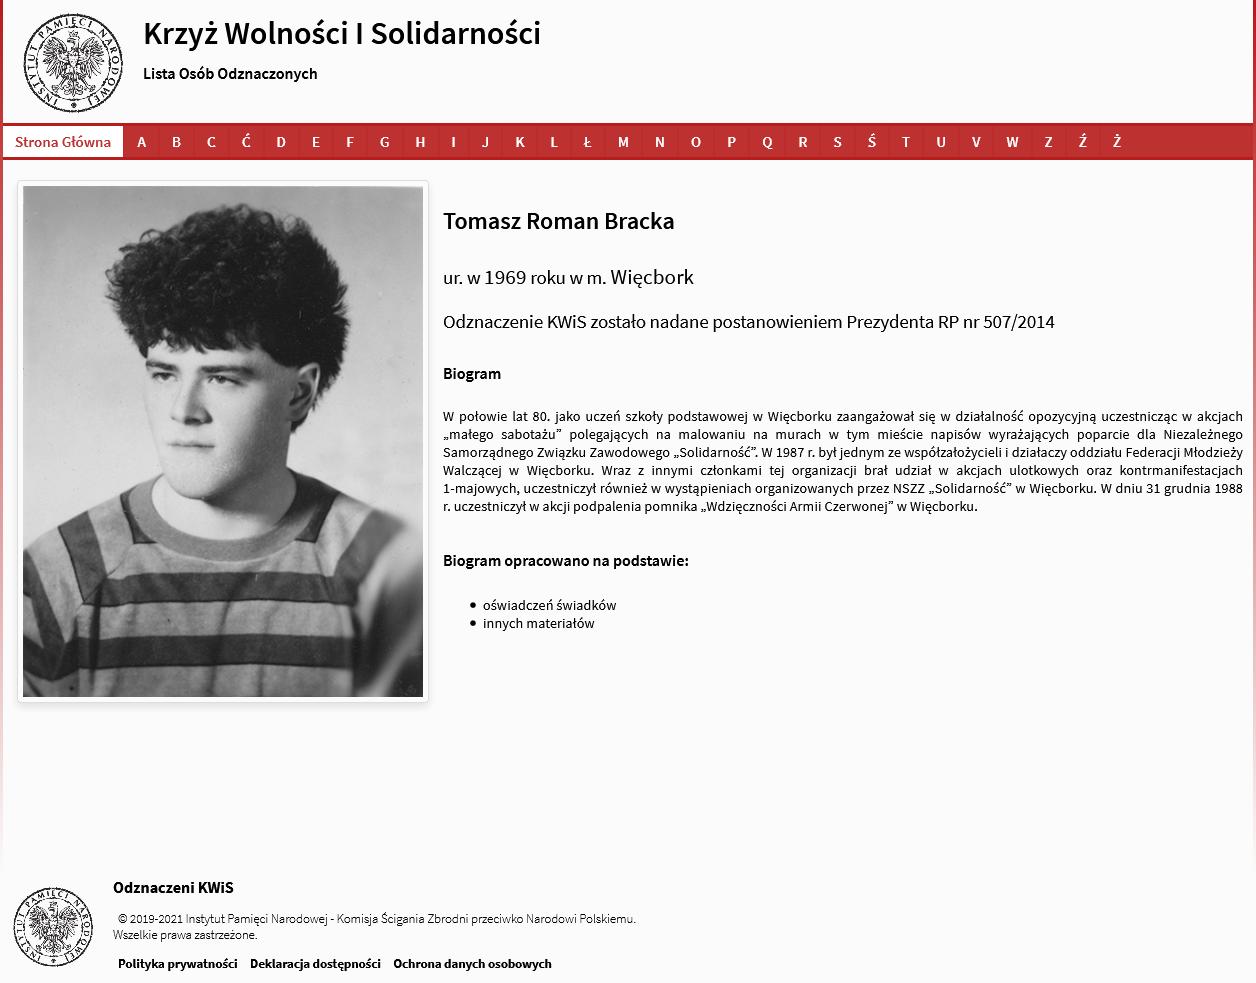 a Biogram IPN wWarszawie Tomasz Roman Bracka Kawaler Krzyża Wolności iSolidarności - działacz opozycji antykomunistycznej wPRL - źródło IPN https://odznaczeni-kwis.ipn.gov.pl/persons/view/03aeccf8-329b-4541-85d3-a2c6c7c8b1b9?fbclid=IwAR0Zm-9A19tEpaiR-uN4lbMYdLJd3AB8Ne46u6LxMwMVH_P7PqP_SzSKuYI